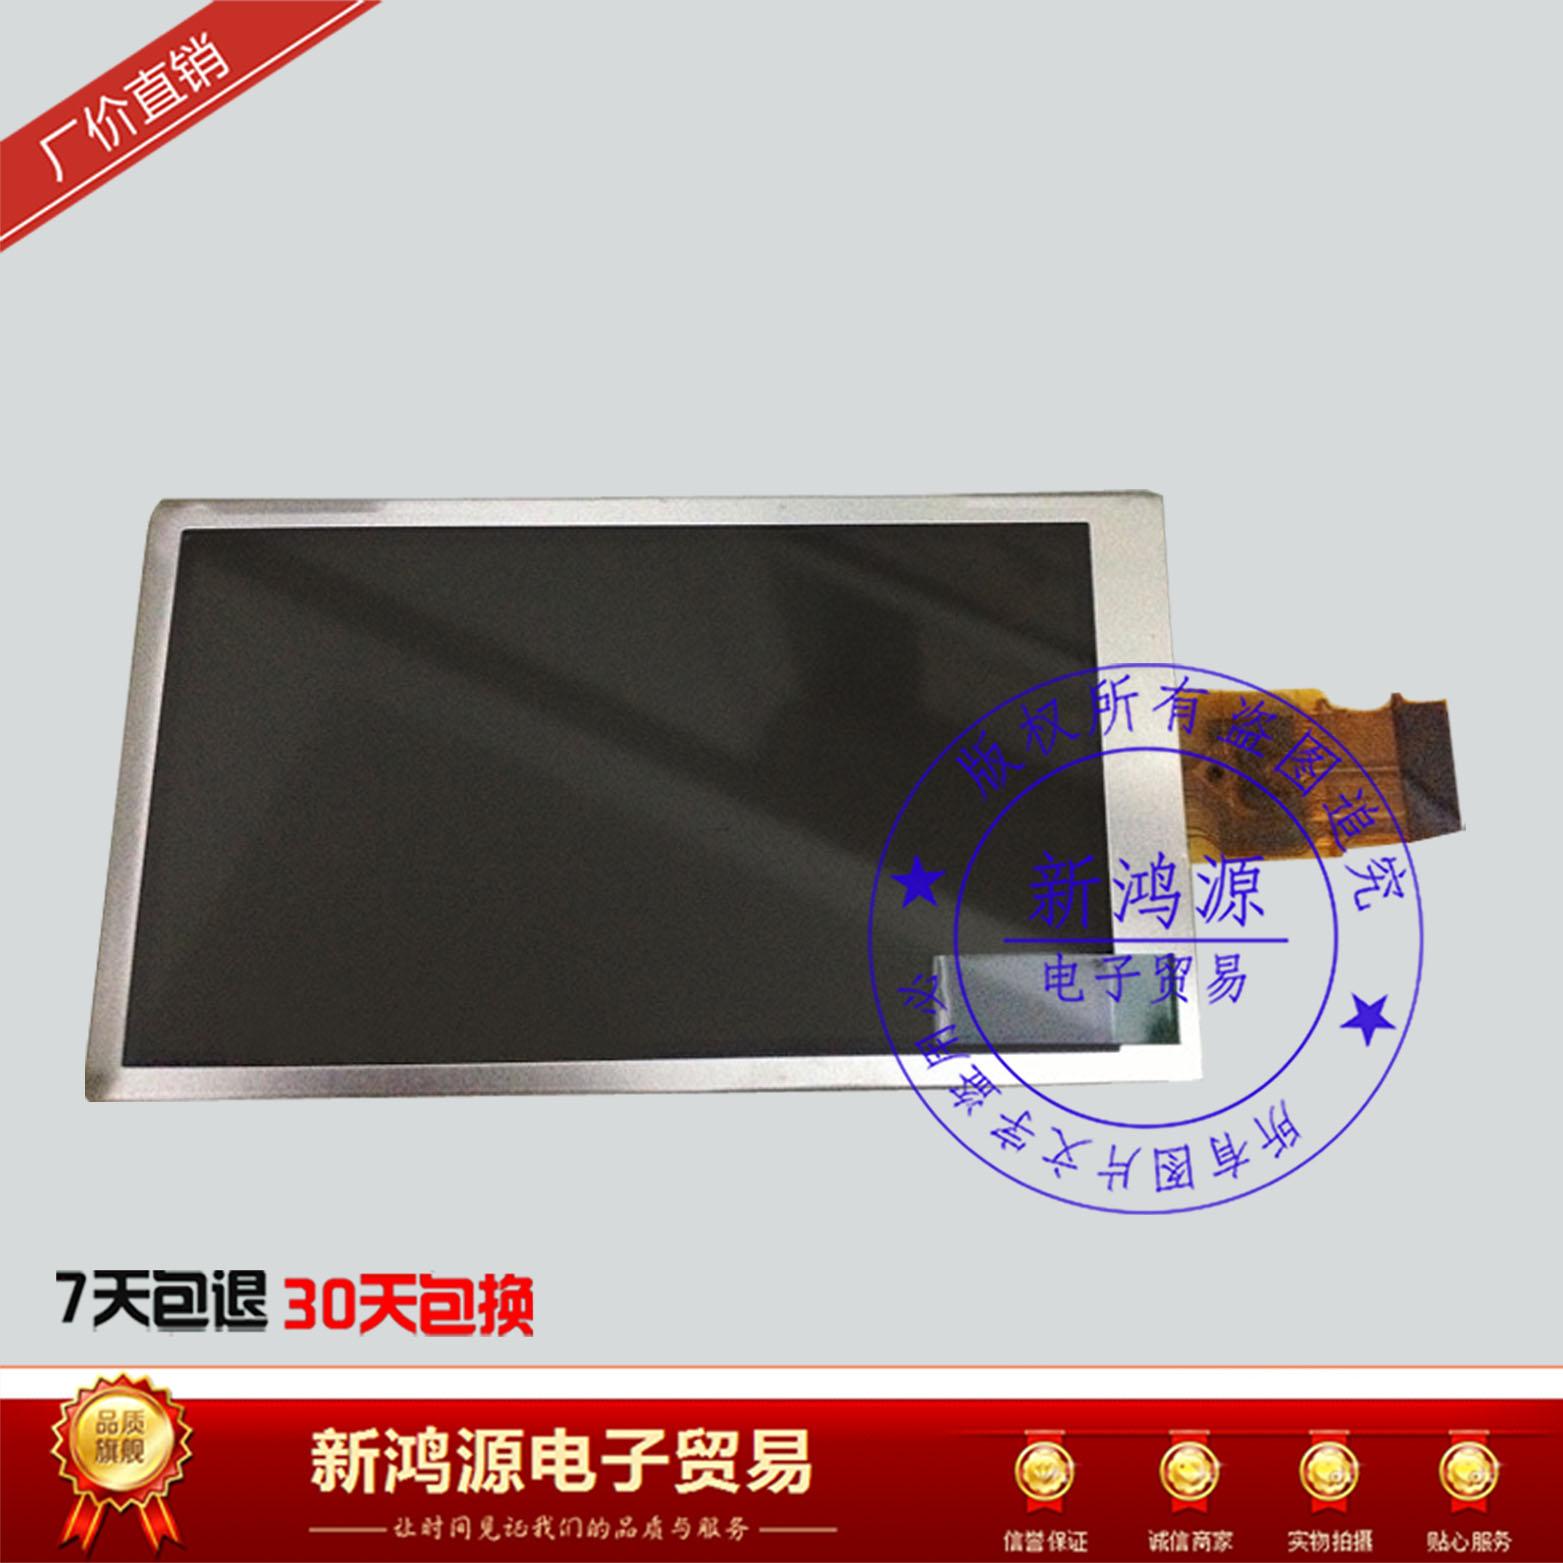 原装统宝3.5寸990000738 TJ035NC06AA高清显示屏